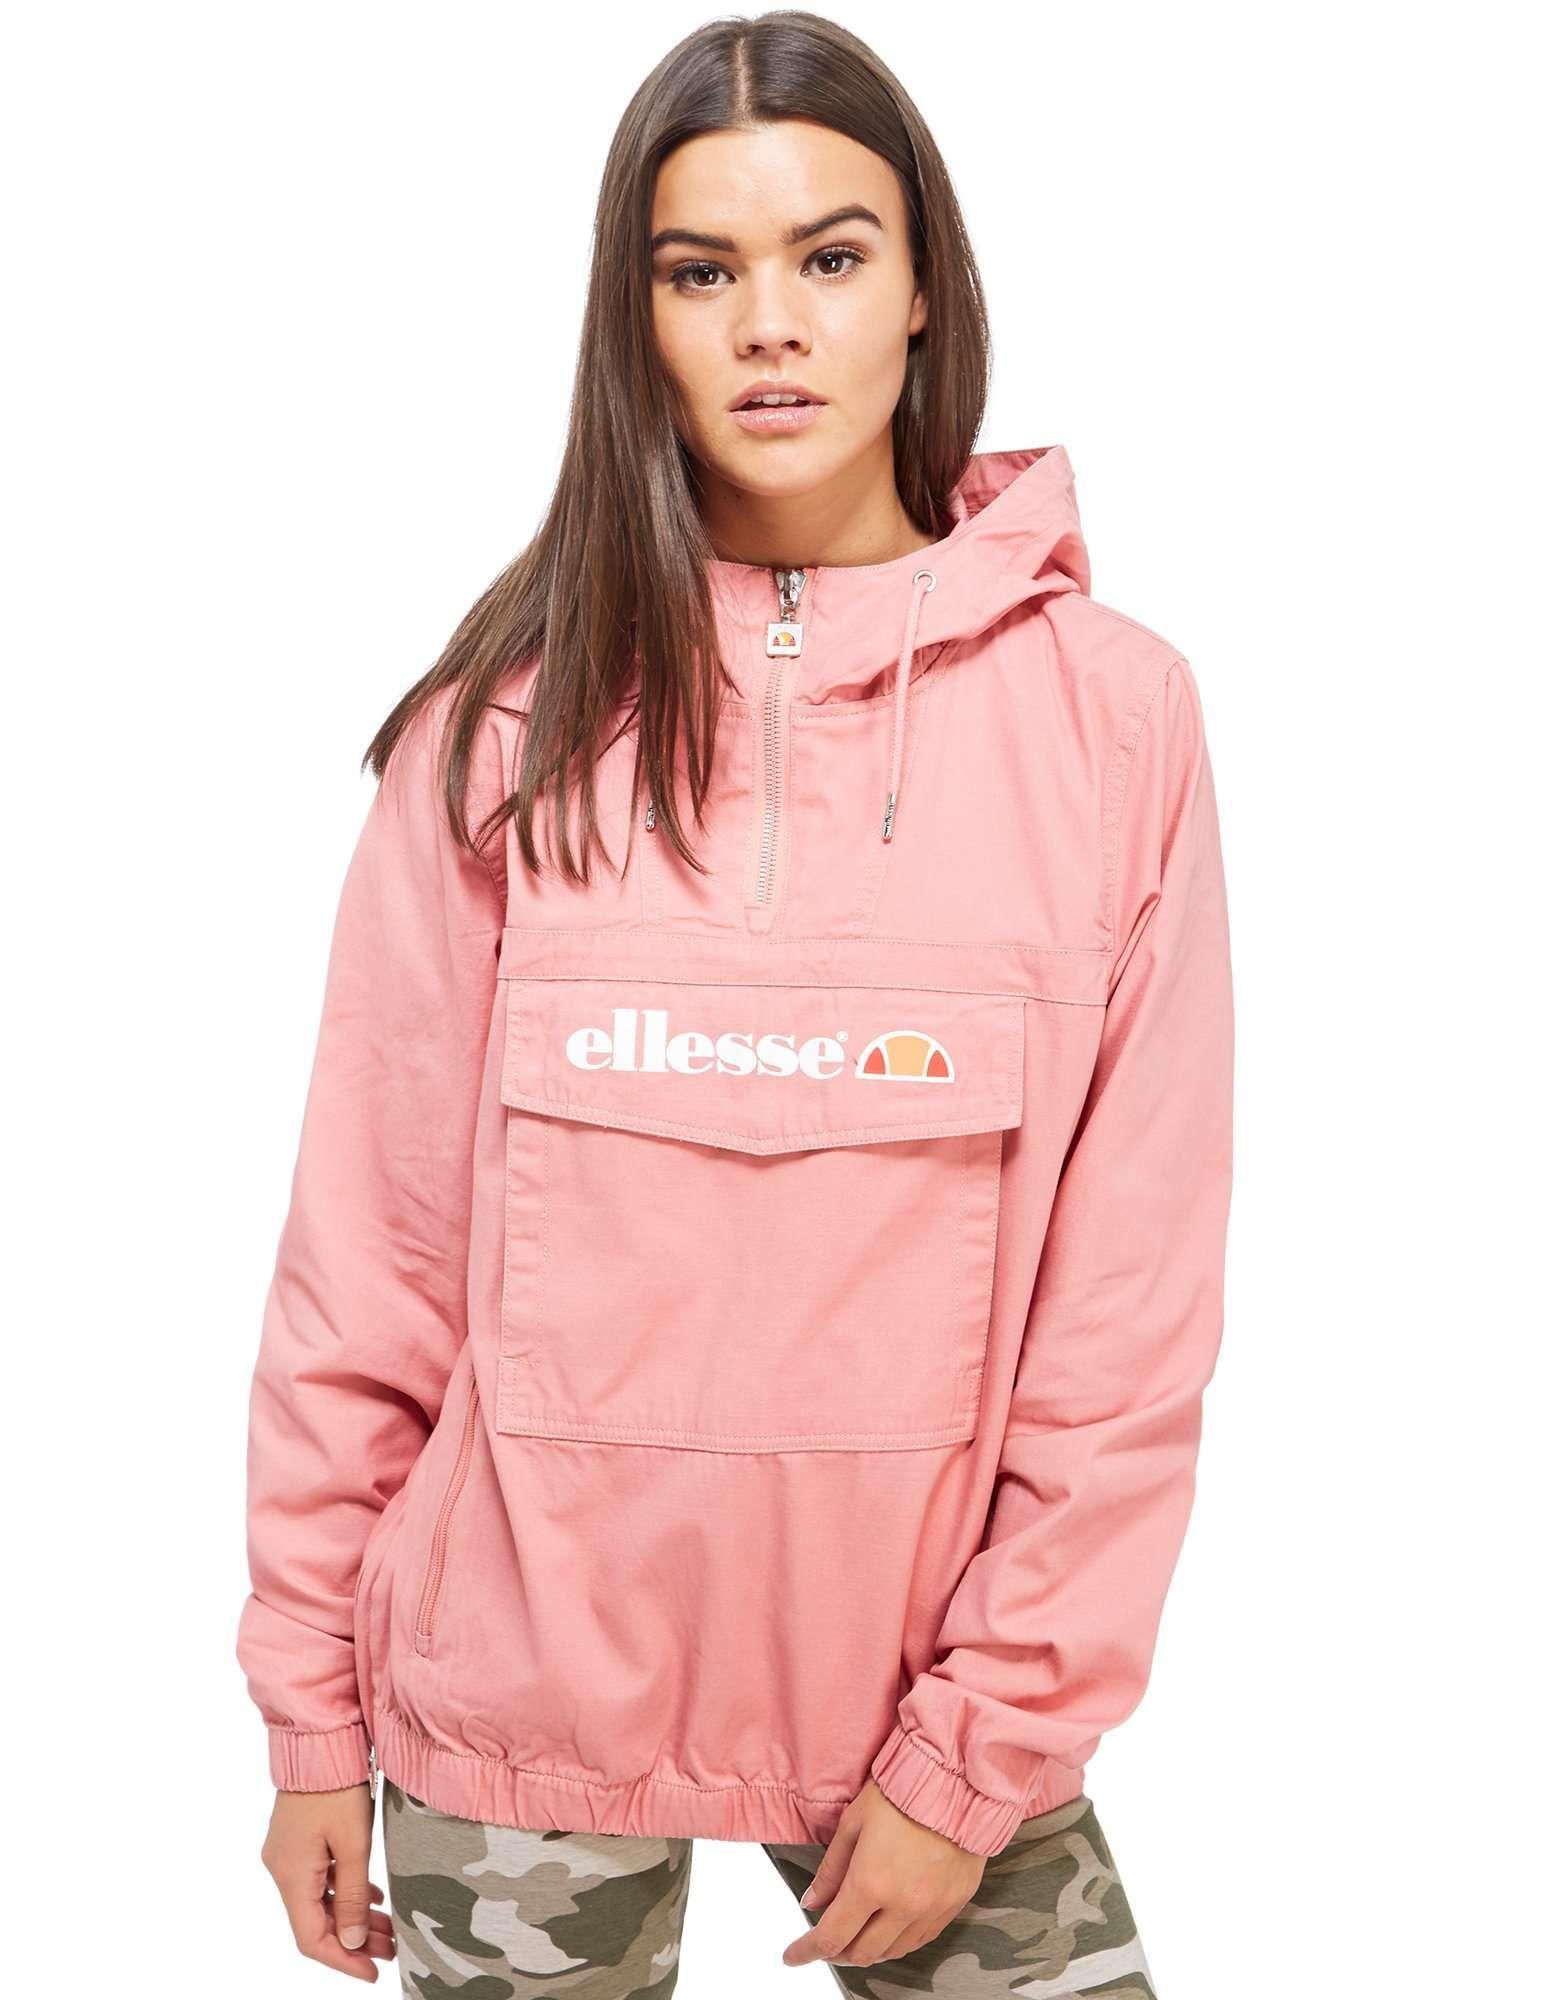 bba322d7 Ellesse Half Zip Jacket - Shop online for Ellesse Half Zip Jacket with JD  Sports,